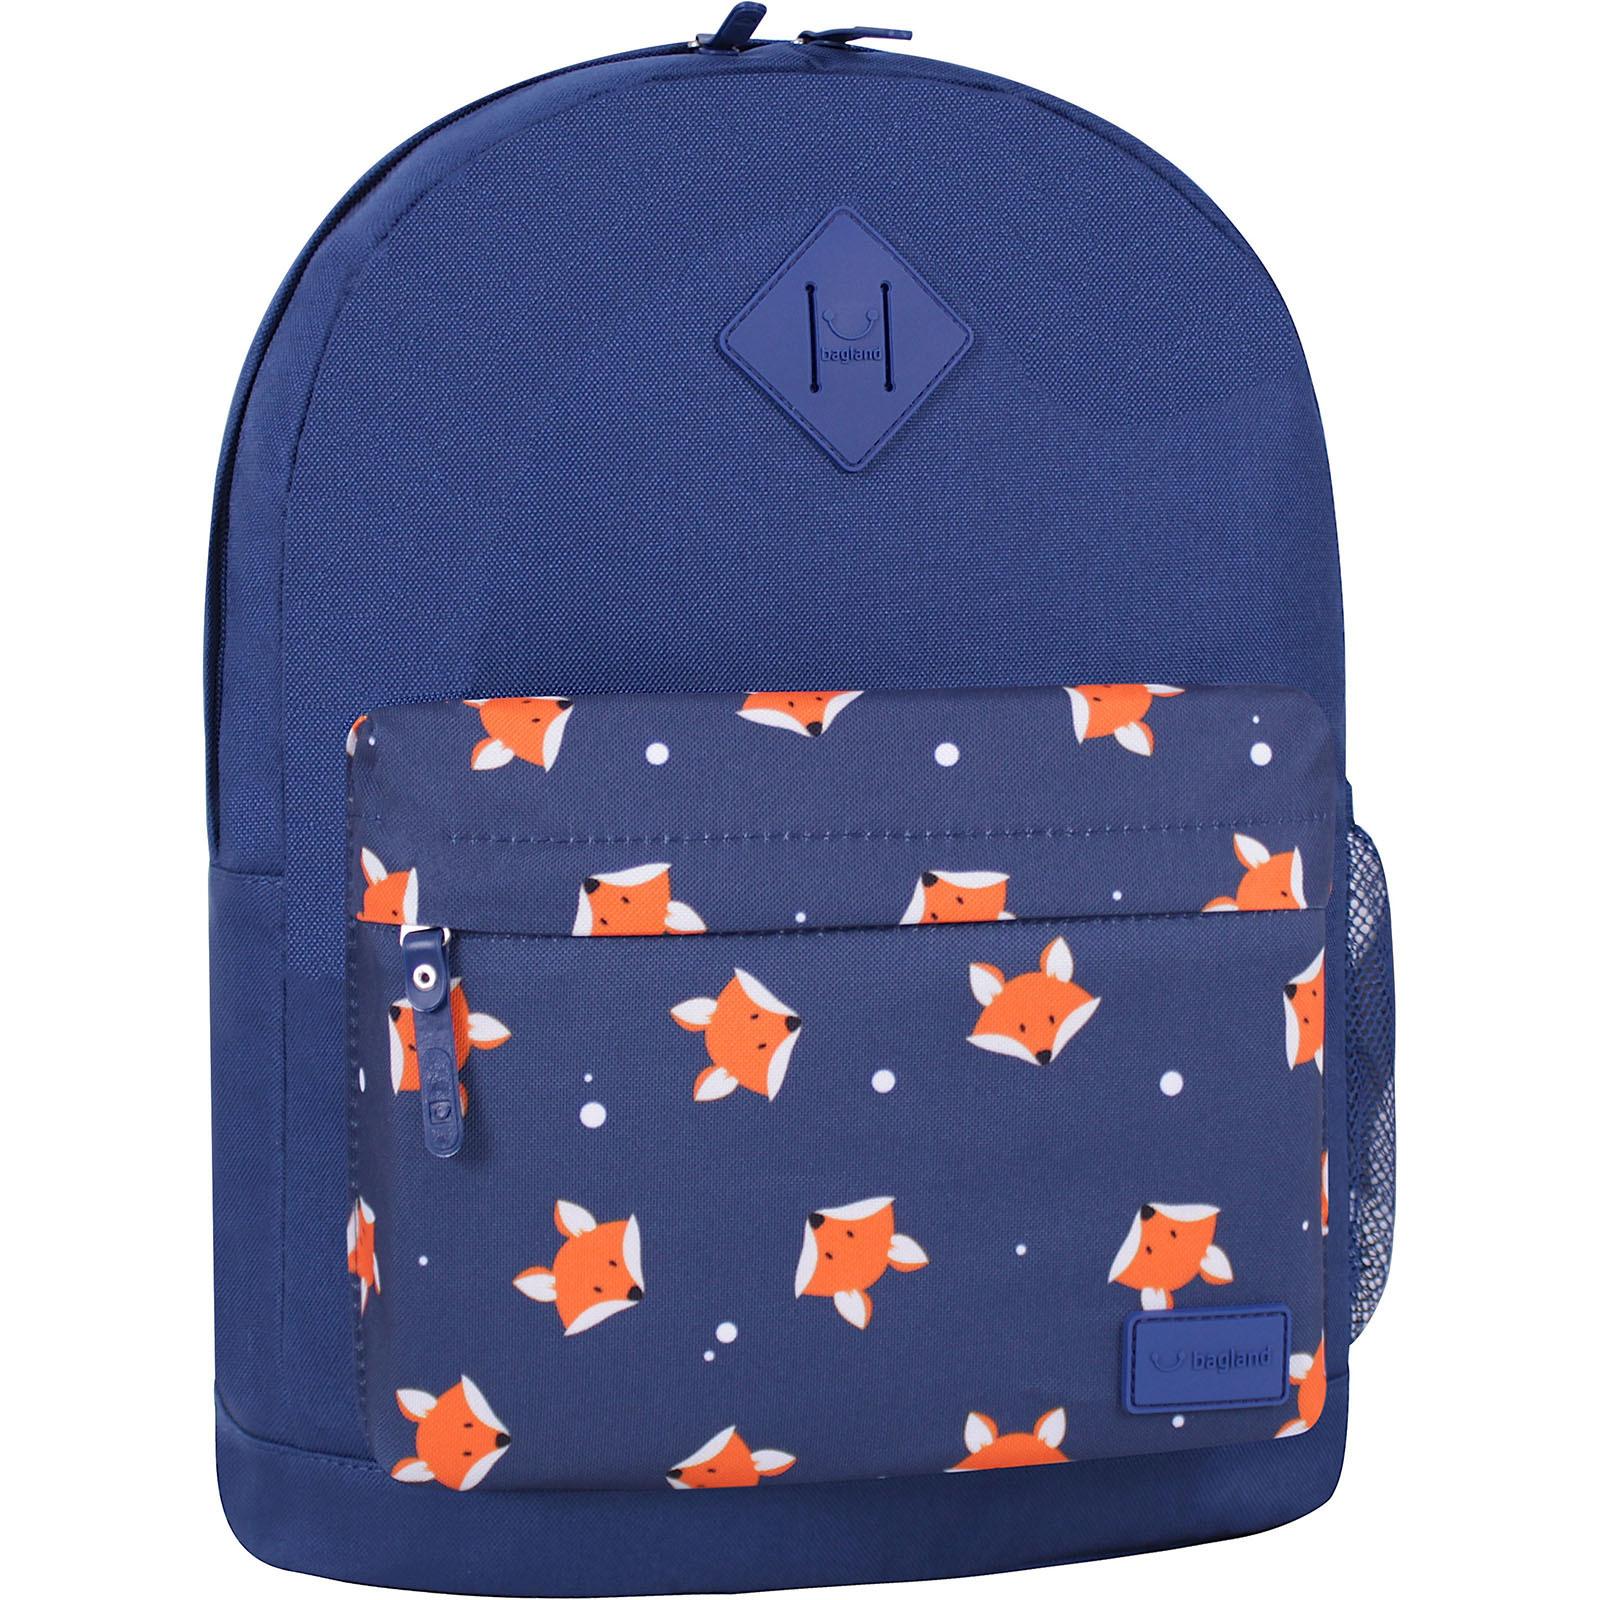 Молодежные рюкзаки Рюкзак Bagland Молодежный W/R 17 л. Синий 742 (00533662) IMG_6534_суб742_-1600.jpg